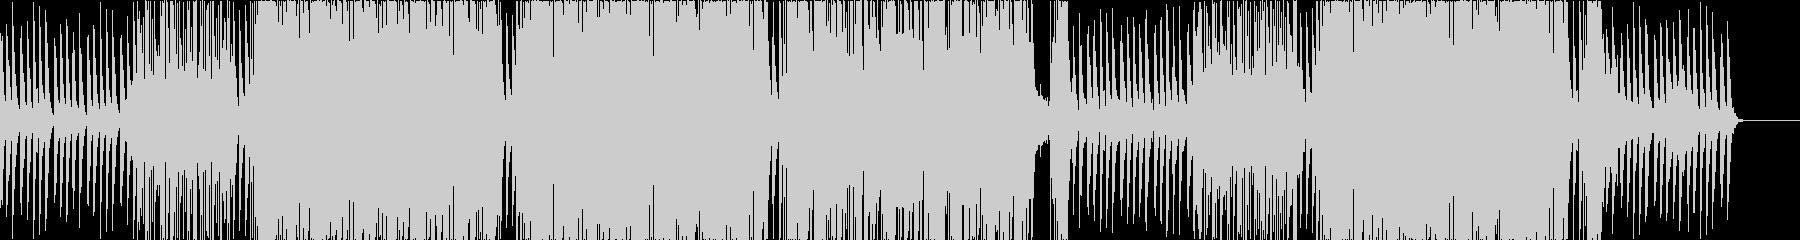 なんとなく爽やか系ドラムンベースの未再生の波形